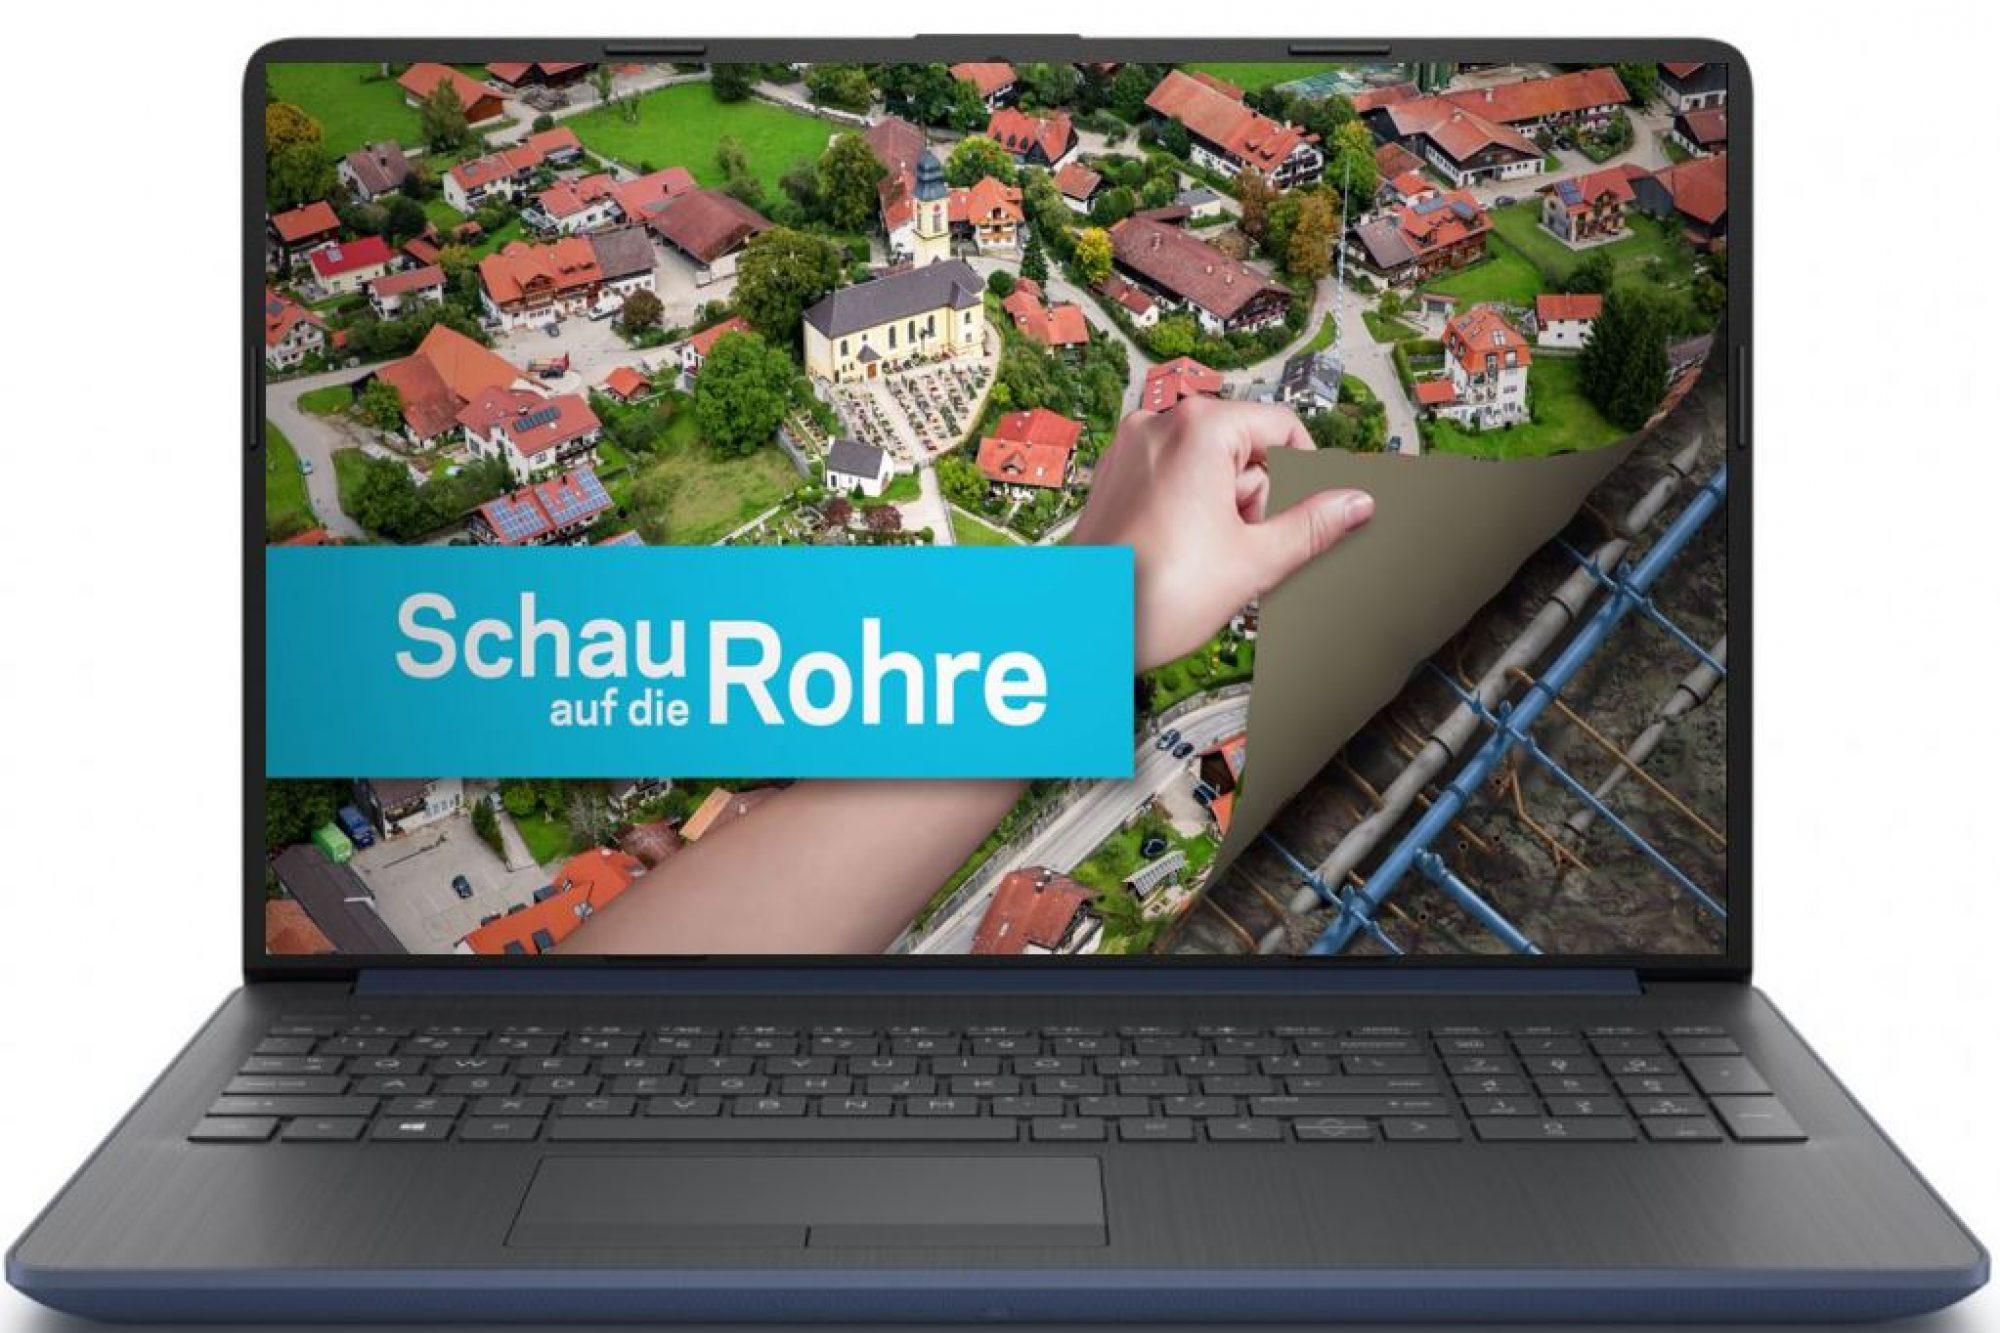 """Laptop mit Anzeige des """"Schau auf die Rohre""""-Hauptvideos"""